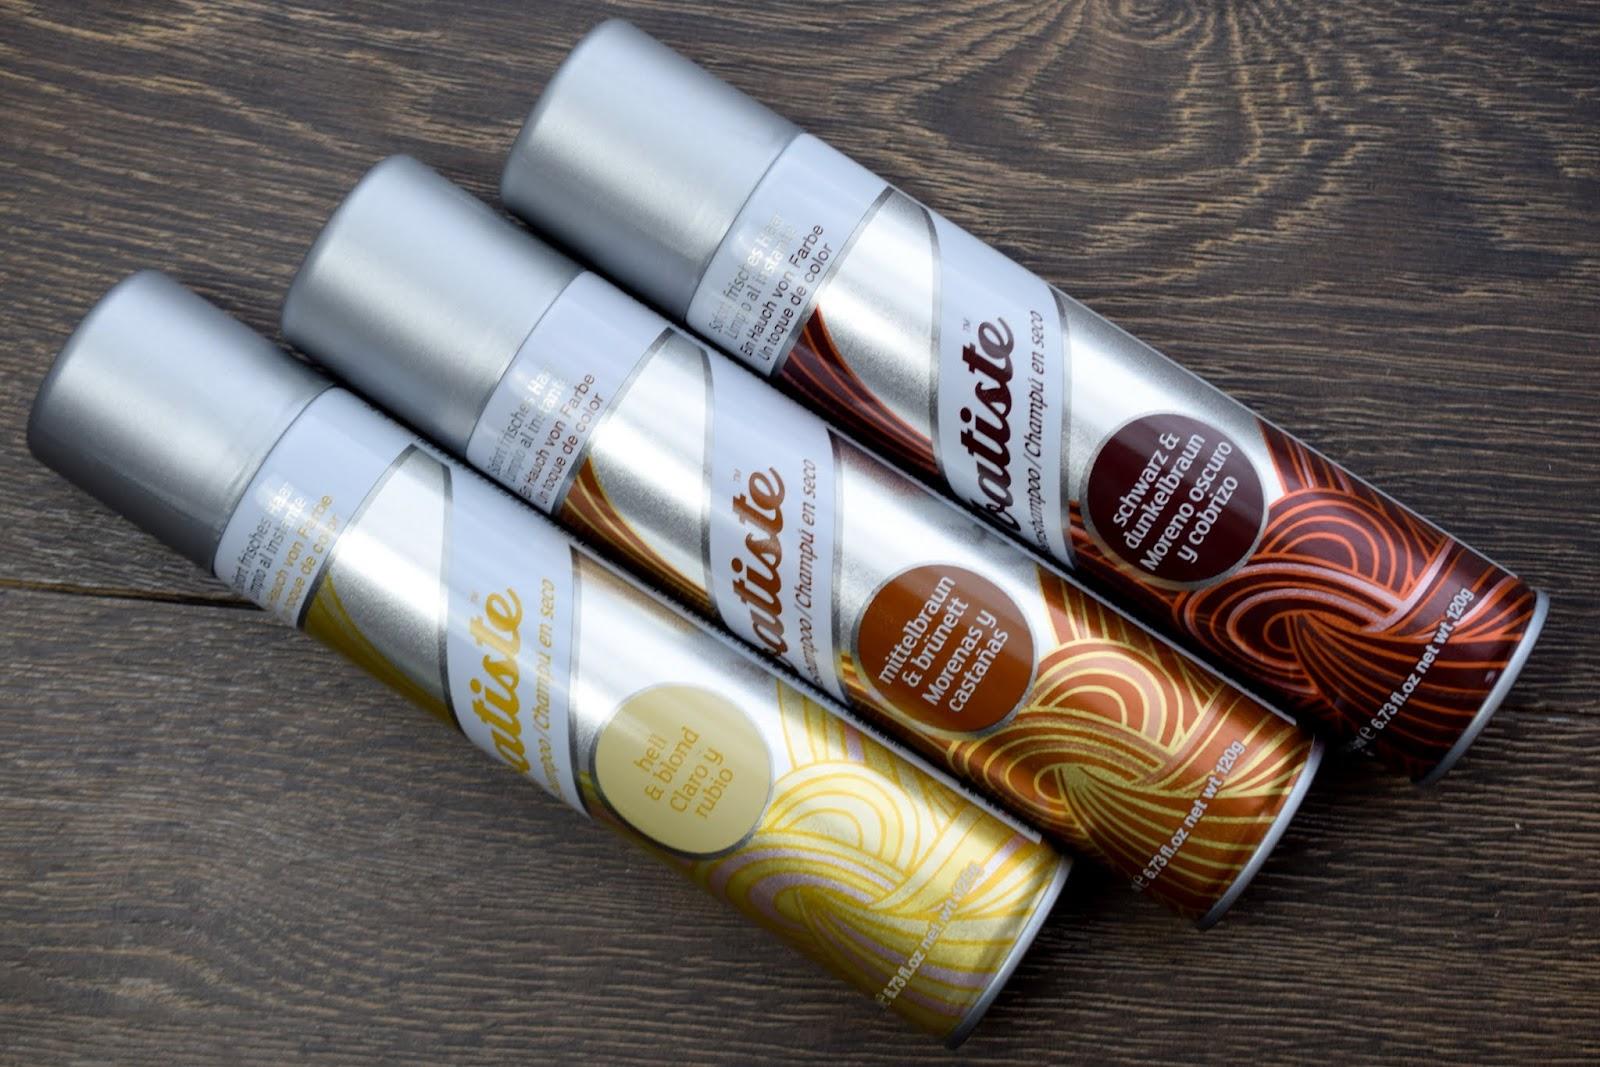 Gewinnspiel: Batiste Hint of Colour Dry Shampoo in der Farbe deiner Wahl